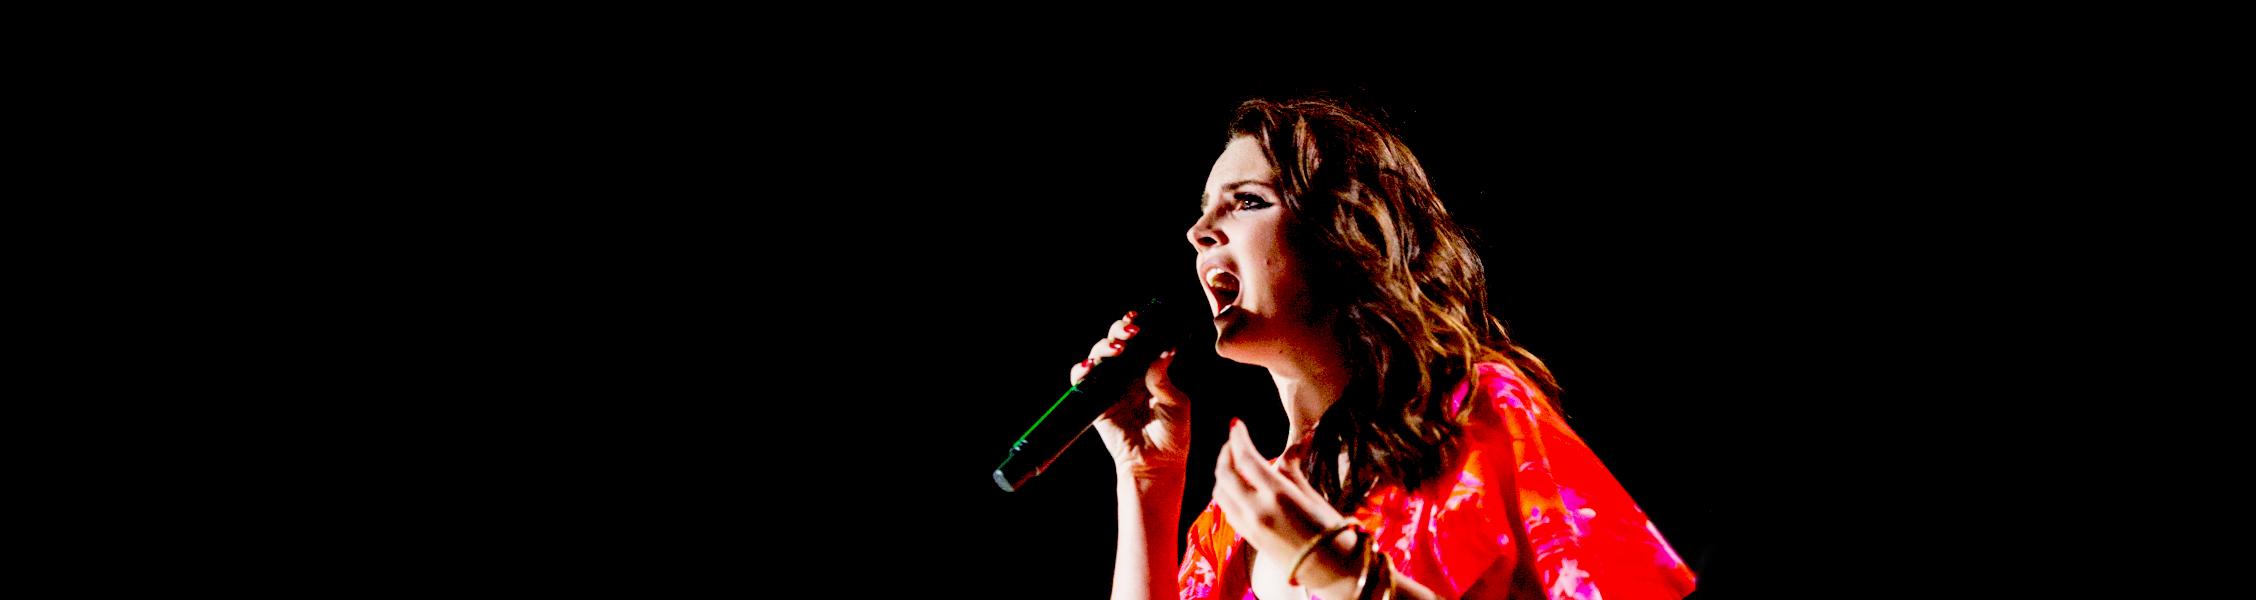 """LISTEN: Lana Del Rey Releases New Song """"Love"""""""